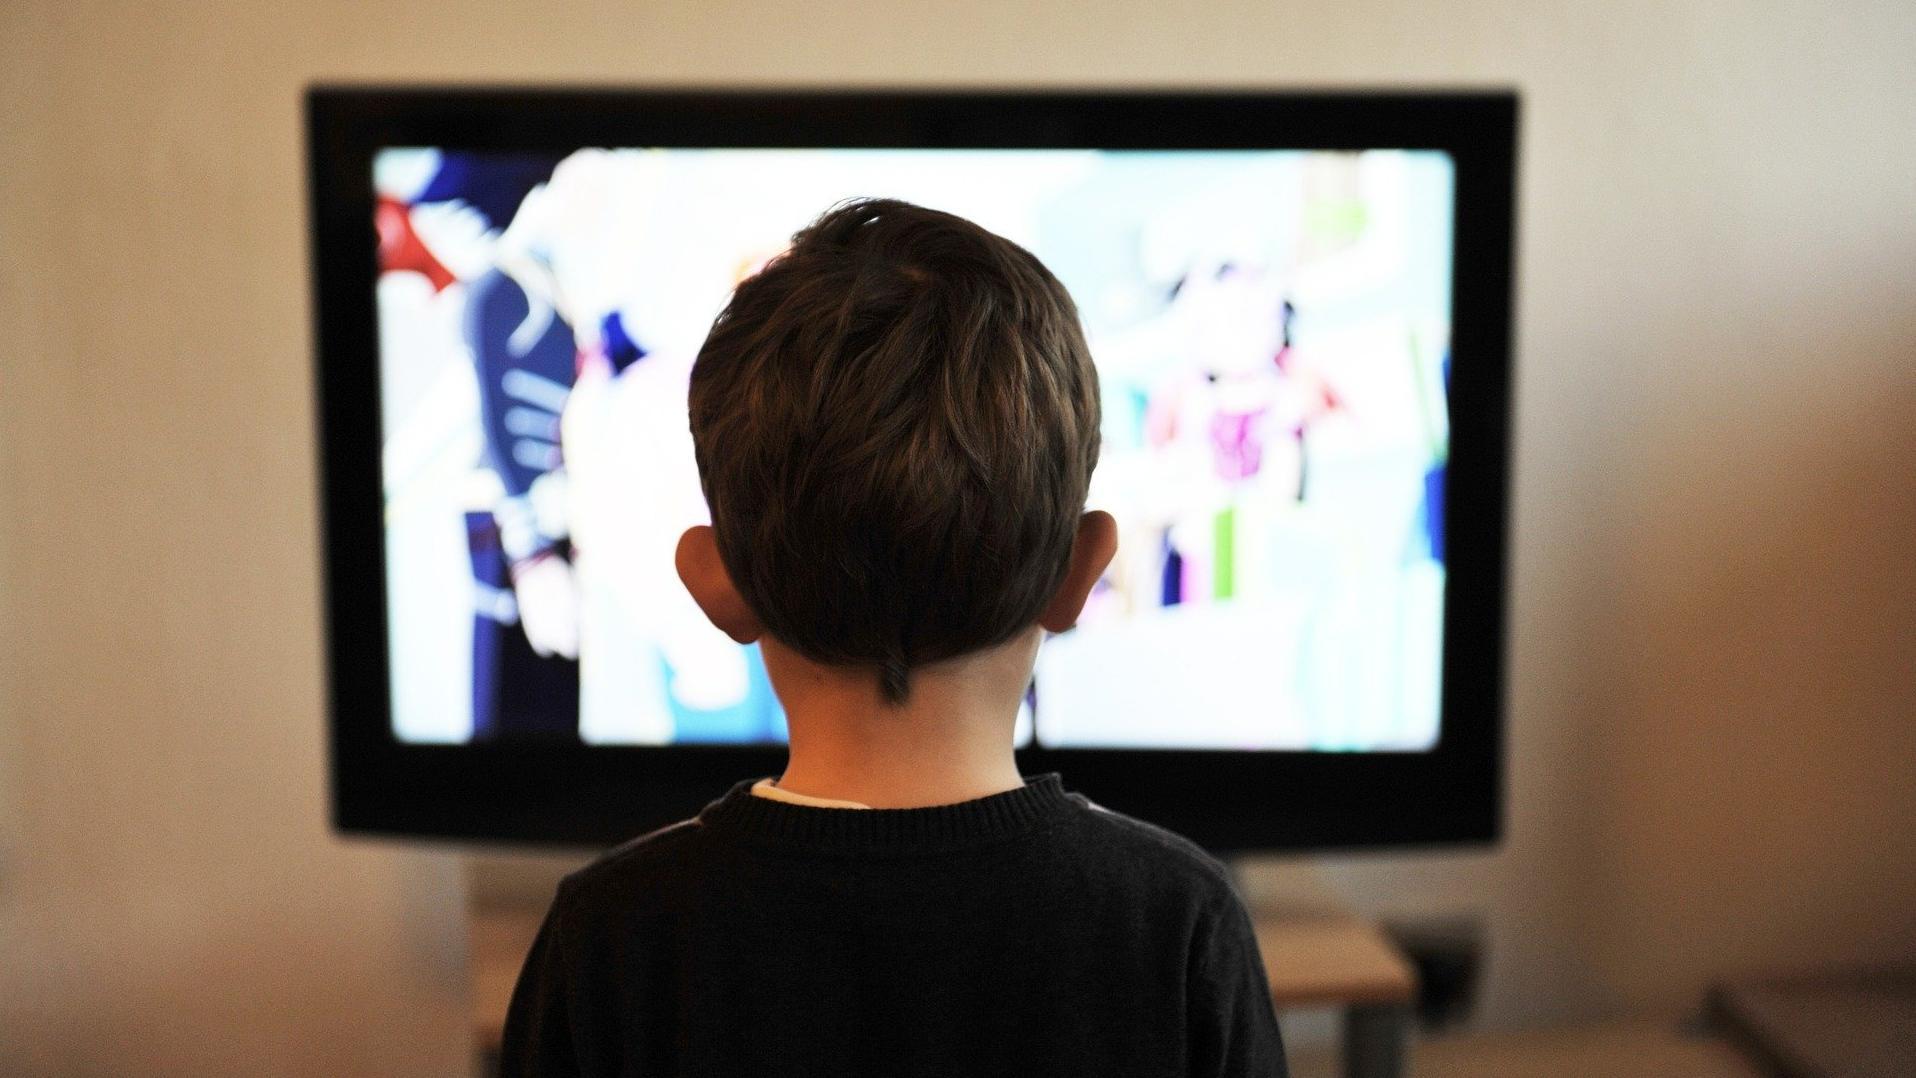 Samsung-TV: Werbung ausschalten - so geht's